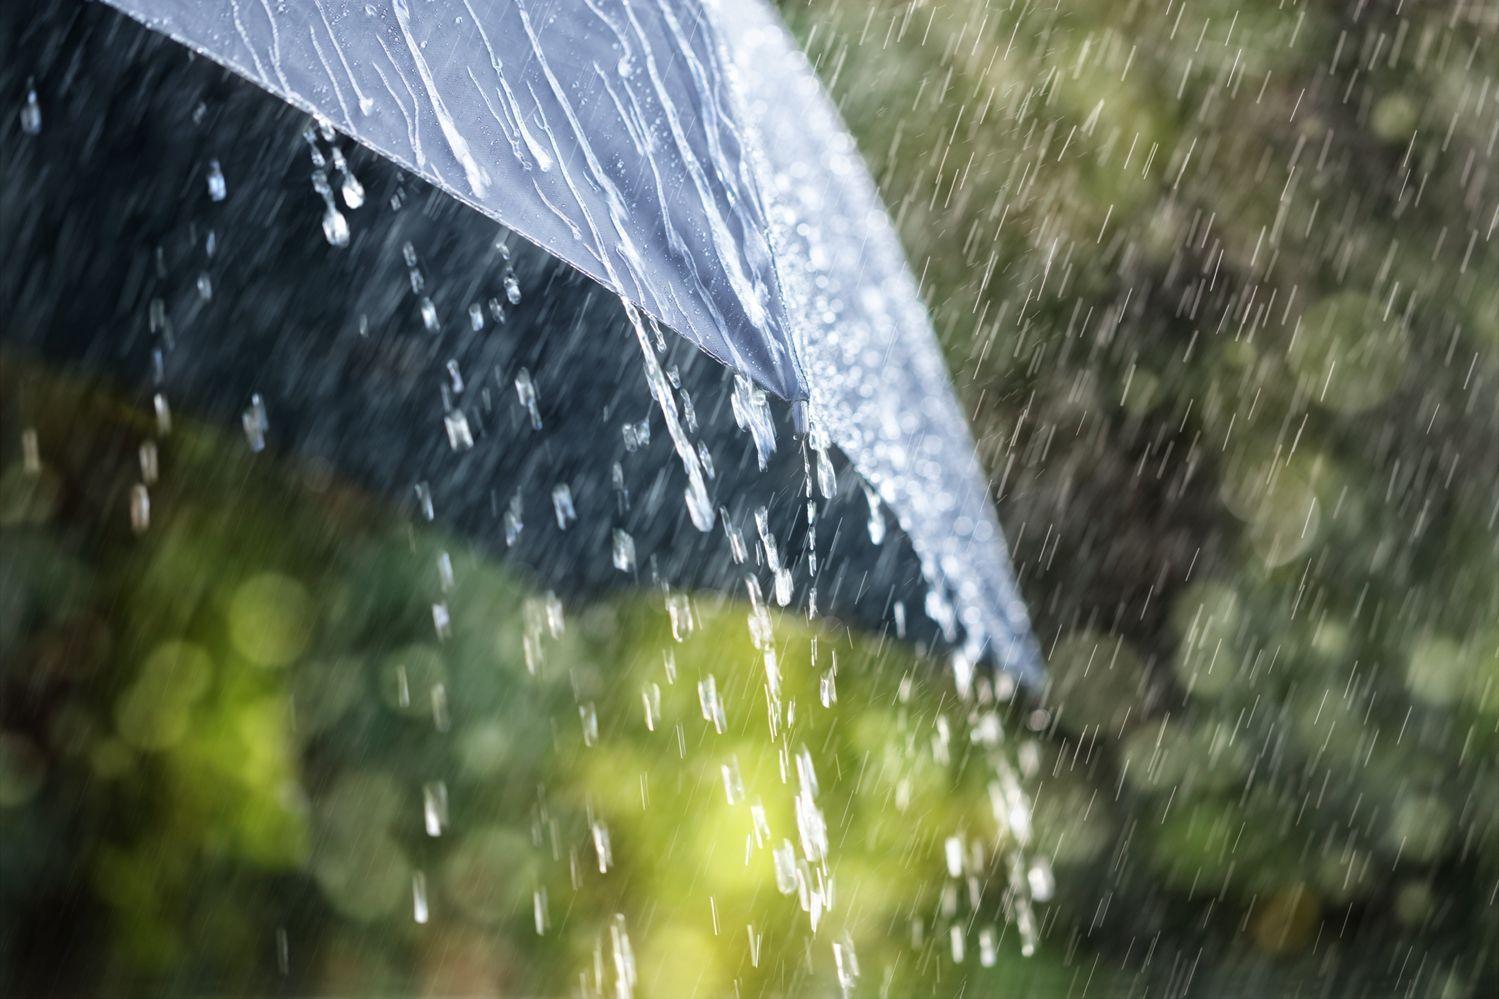 холодные картинка погода дождливая сын известного